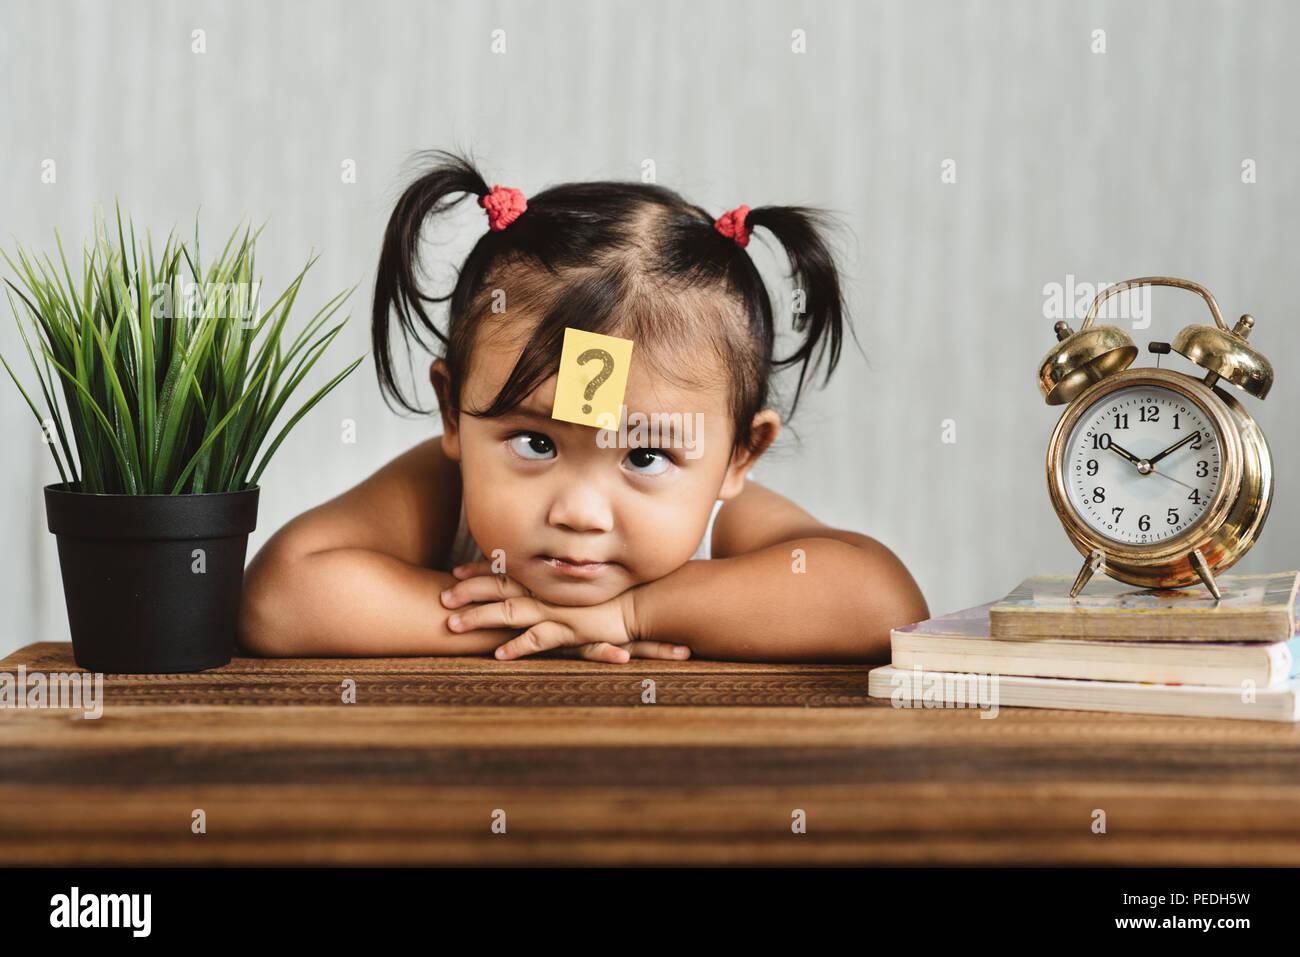 Lookian mignon et confus tout-petits asiatiques avec un point d'interrogation sur son front. concept de l'apprentissage de l'enfant l'éducation, la croissance et le développement. Photo Stock